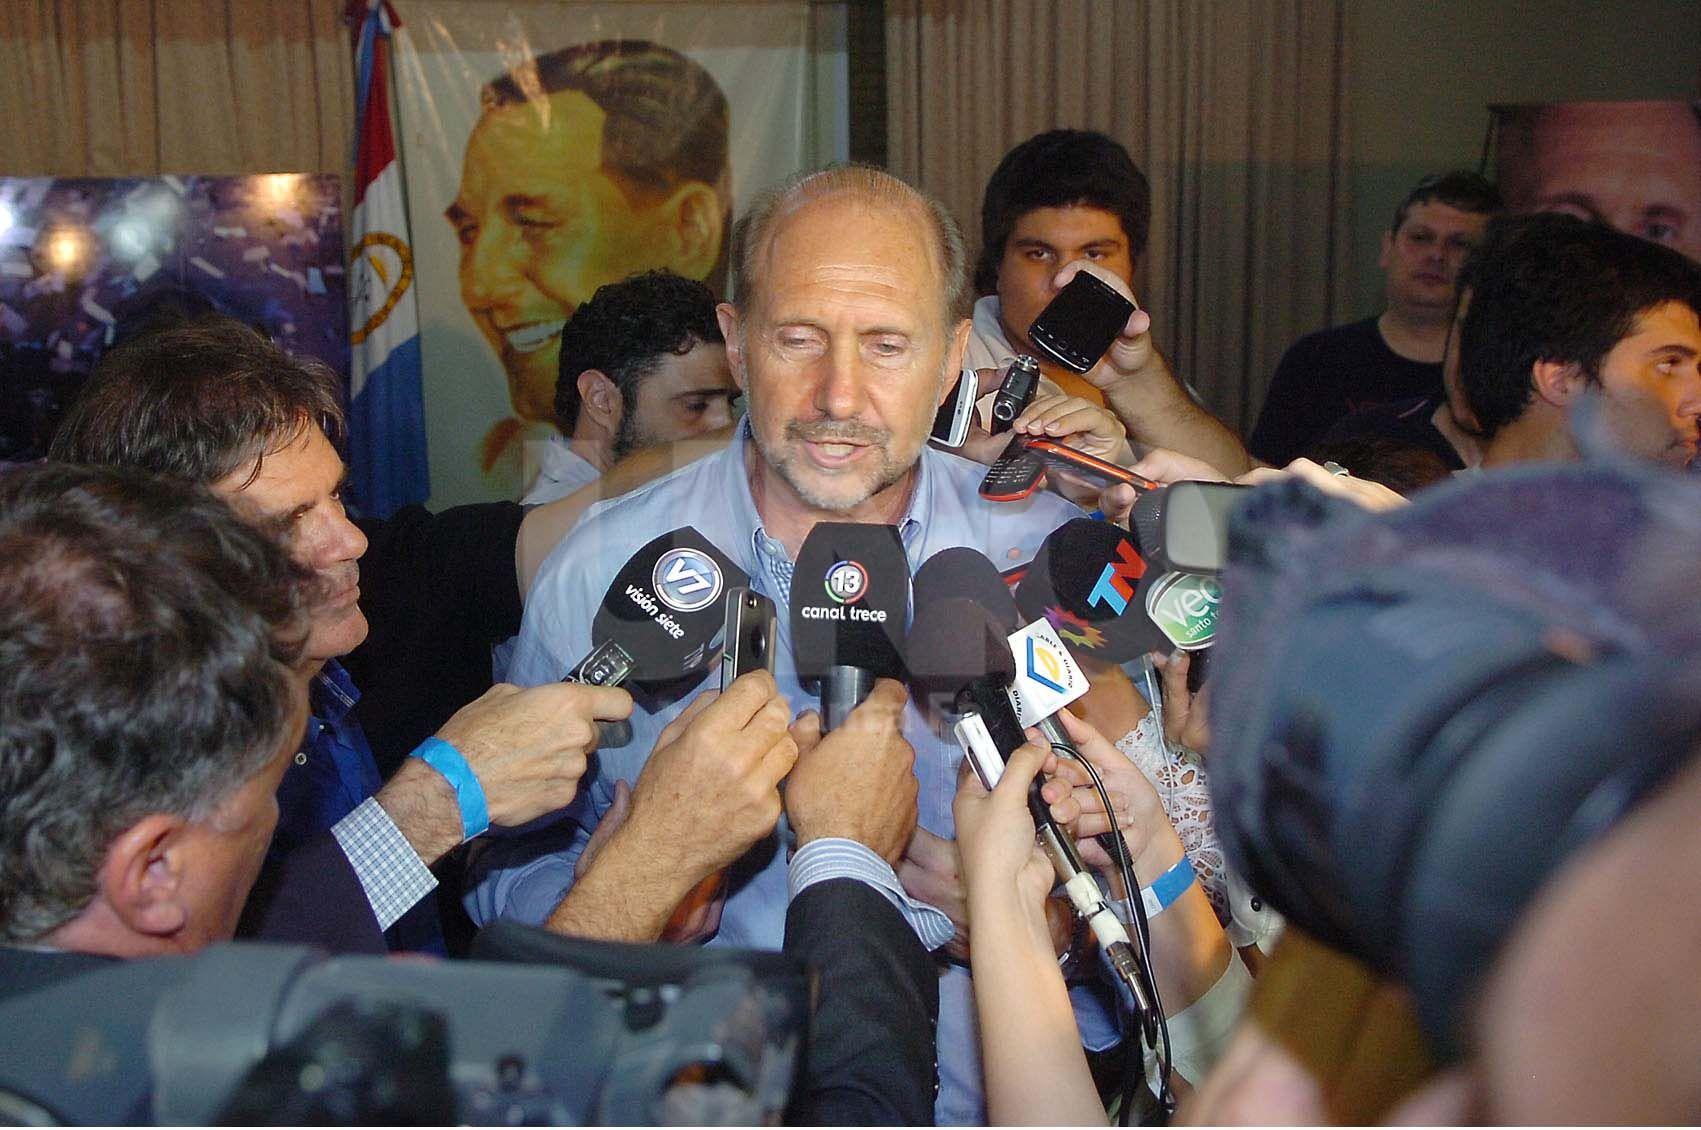 Rueda de prensa. El rafaelino habló con medios locales y nacionales tras los comicios de ayer / Foto: Manuel Testi - Uno Santa Fe